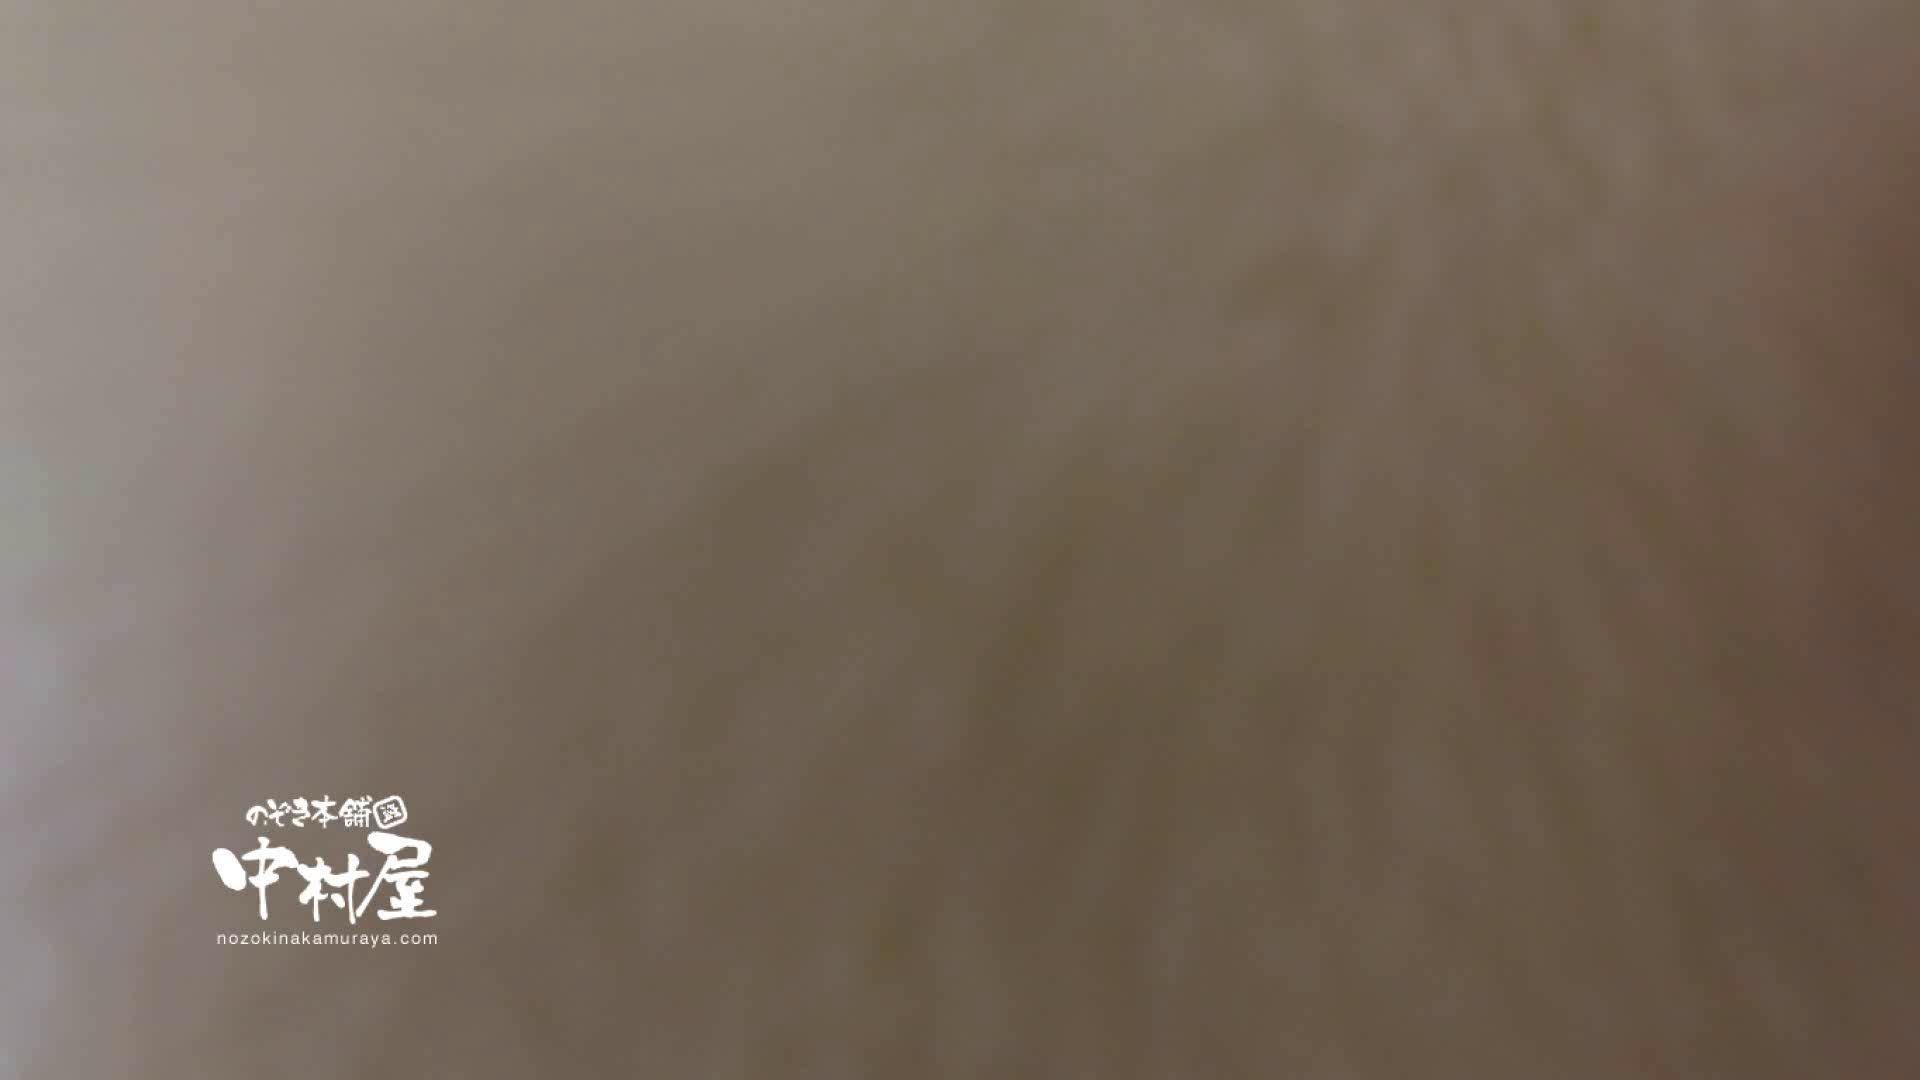 鬼畜 vol.07 パイパンだと?!中出ししてやる! 後編 パイパン | 鬼畜  92連発 65